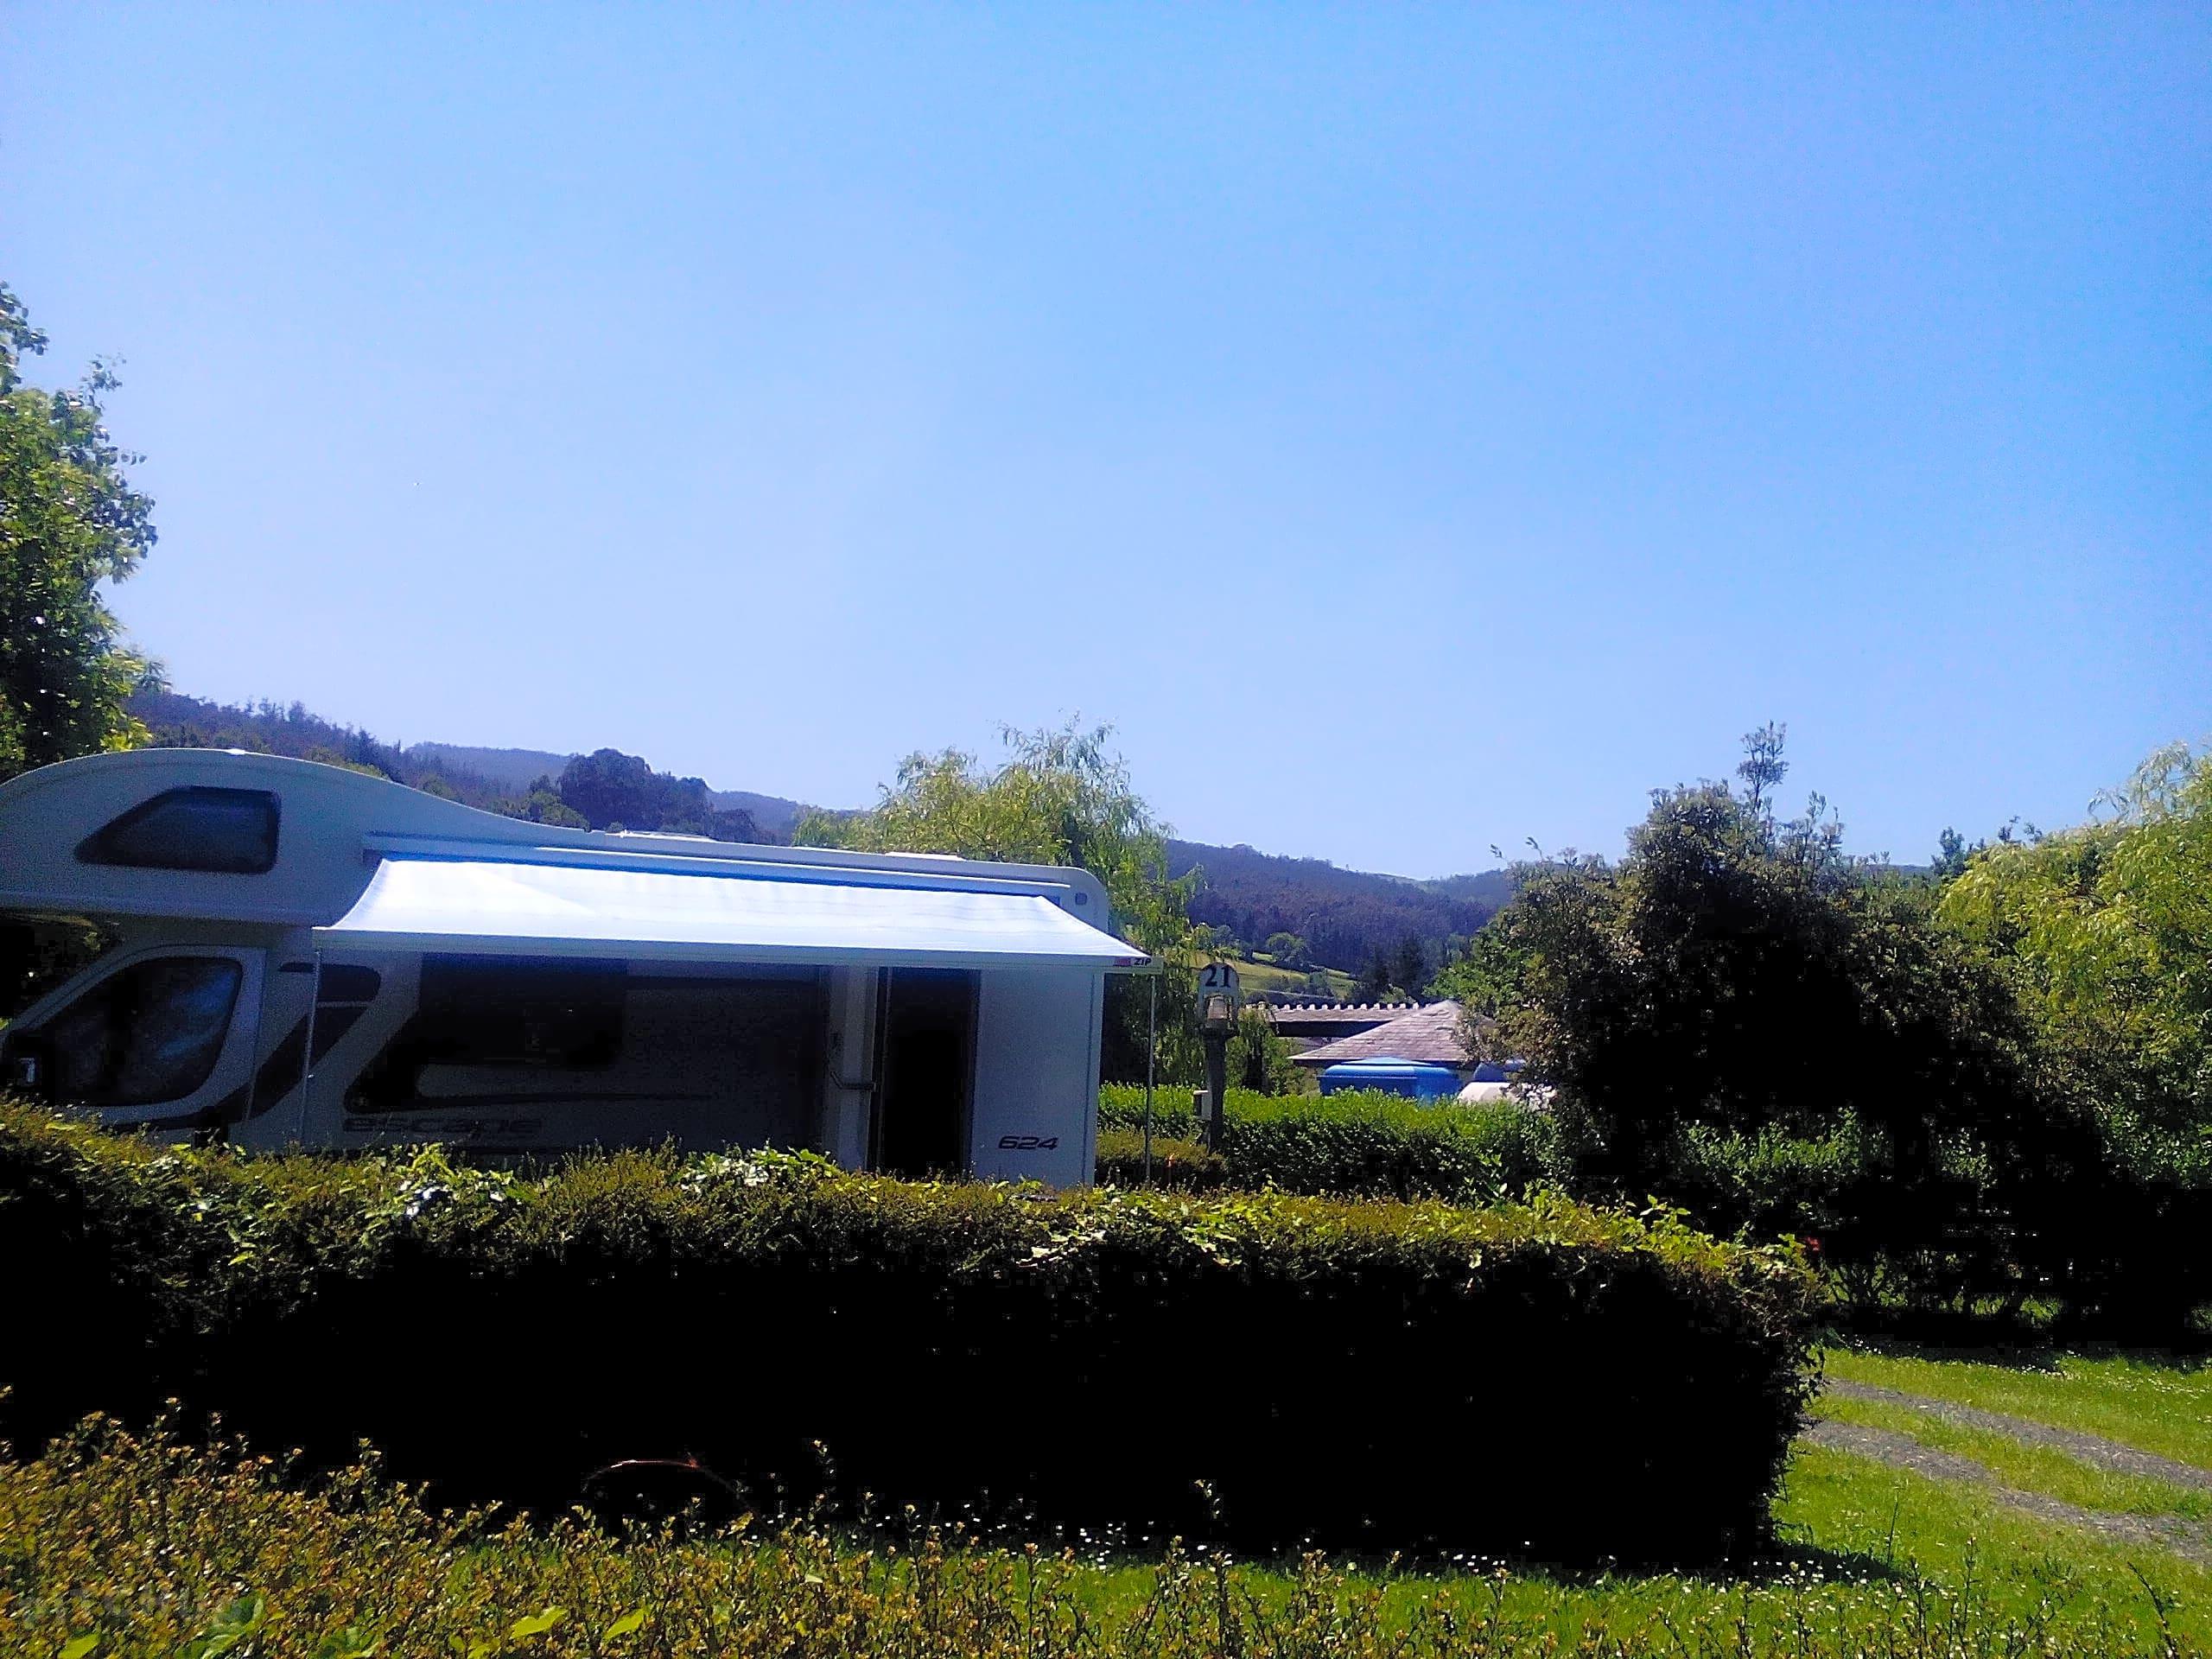 Parque Orbitur Gala, Figueira da Foz - Updated 2019 prices - Pitchup®